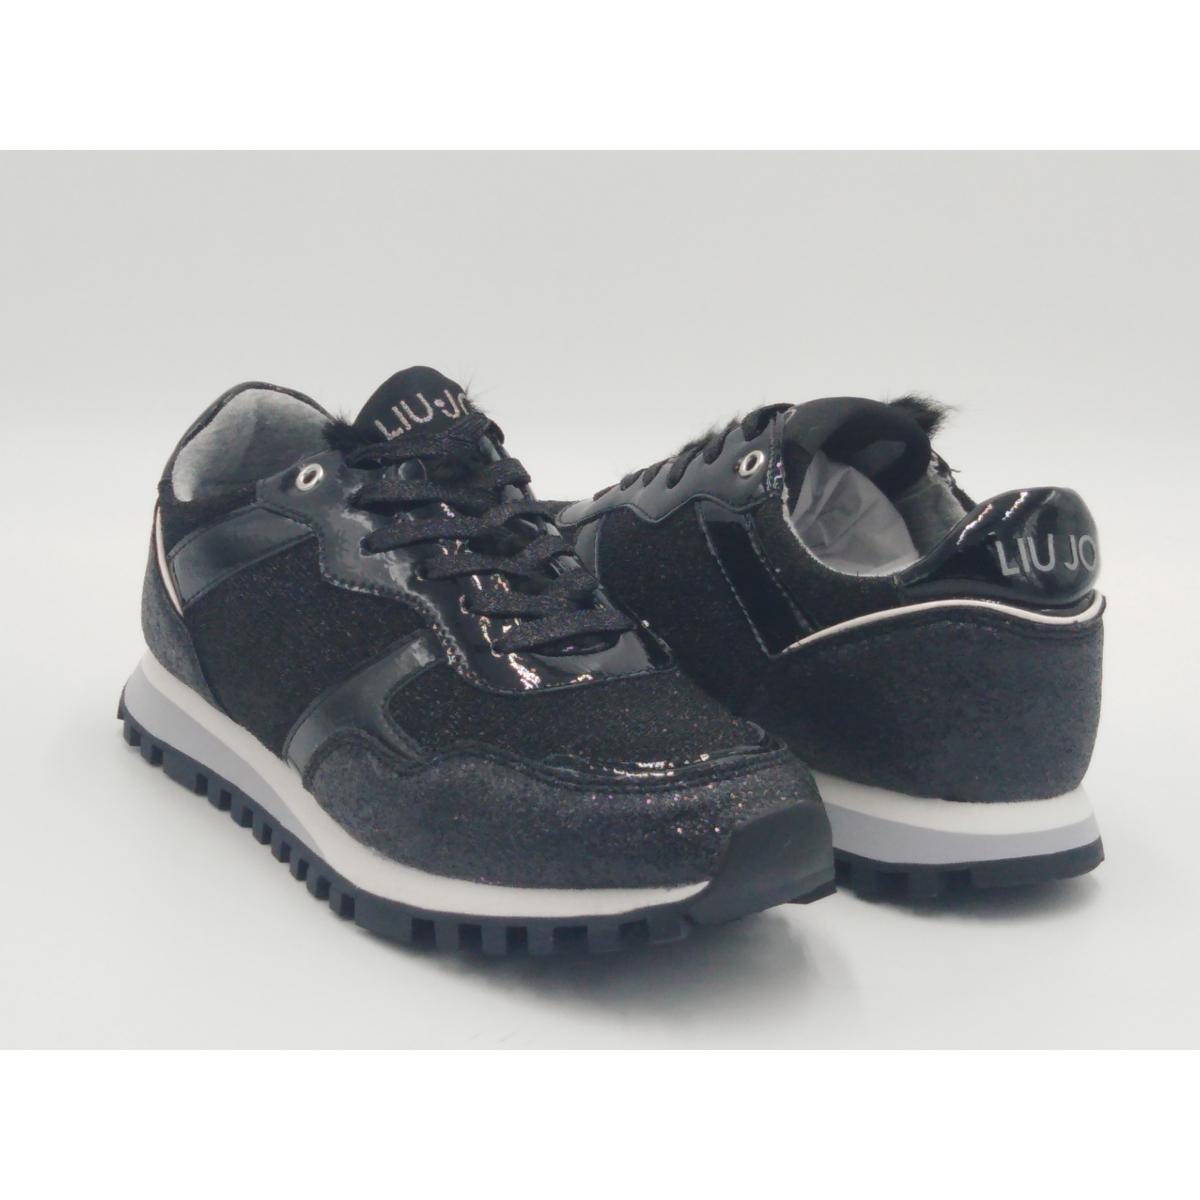 Liu Jo -Sneaker glitter nero